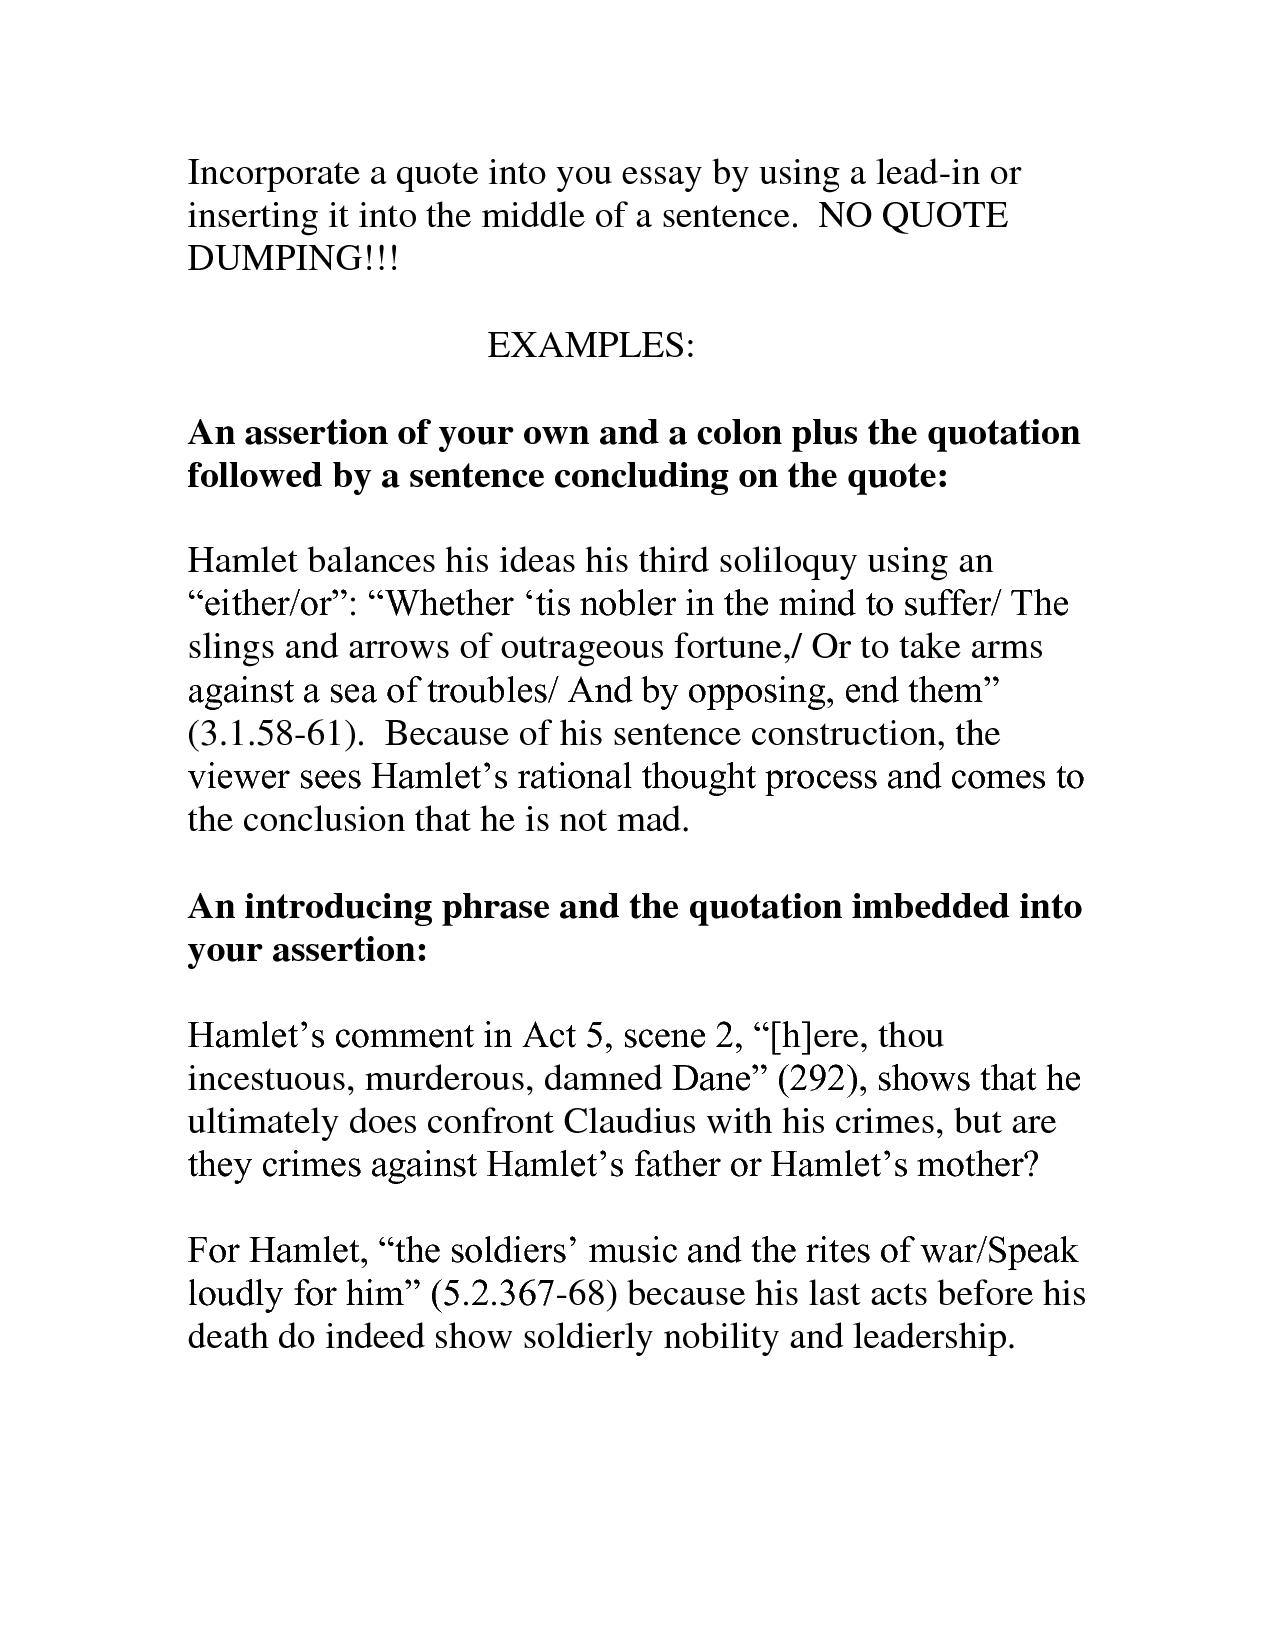 Quotes for essay topics popular persuasive essay ghostwriters websites uk